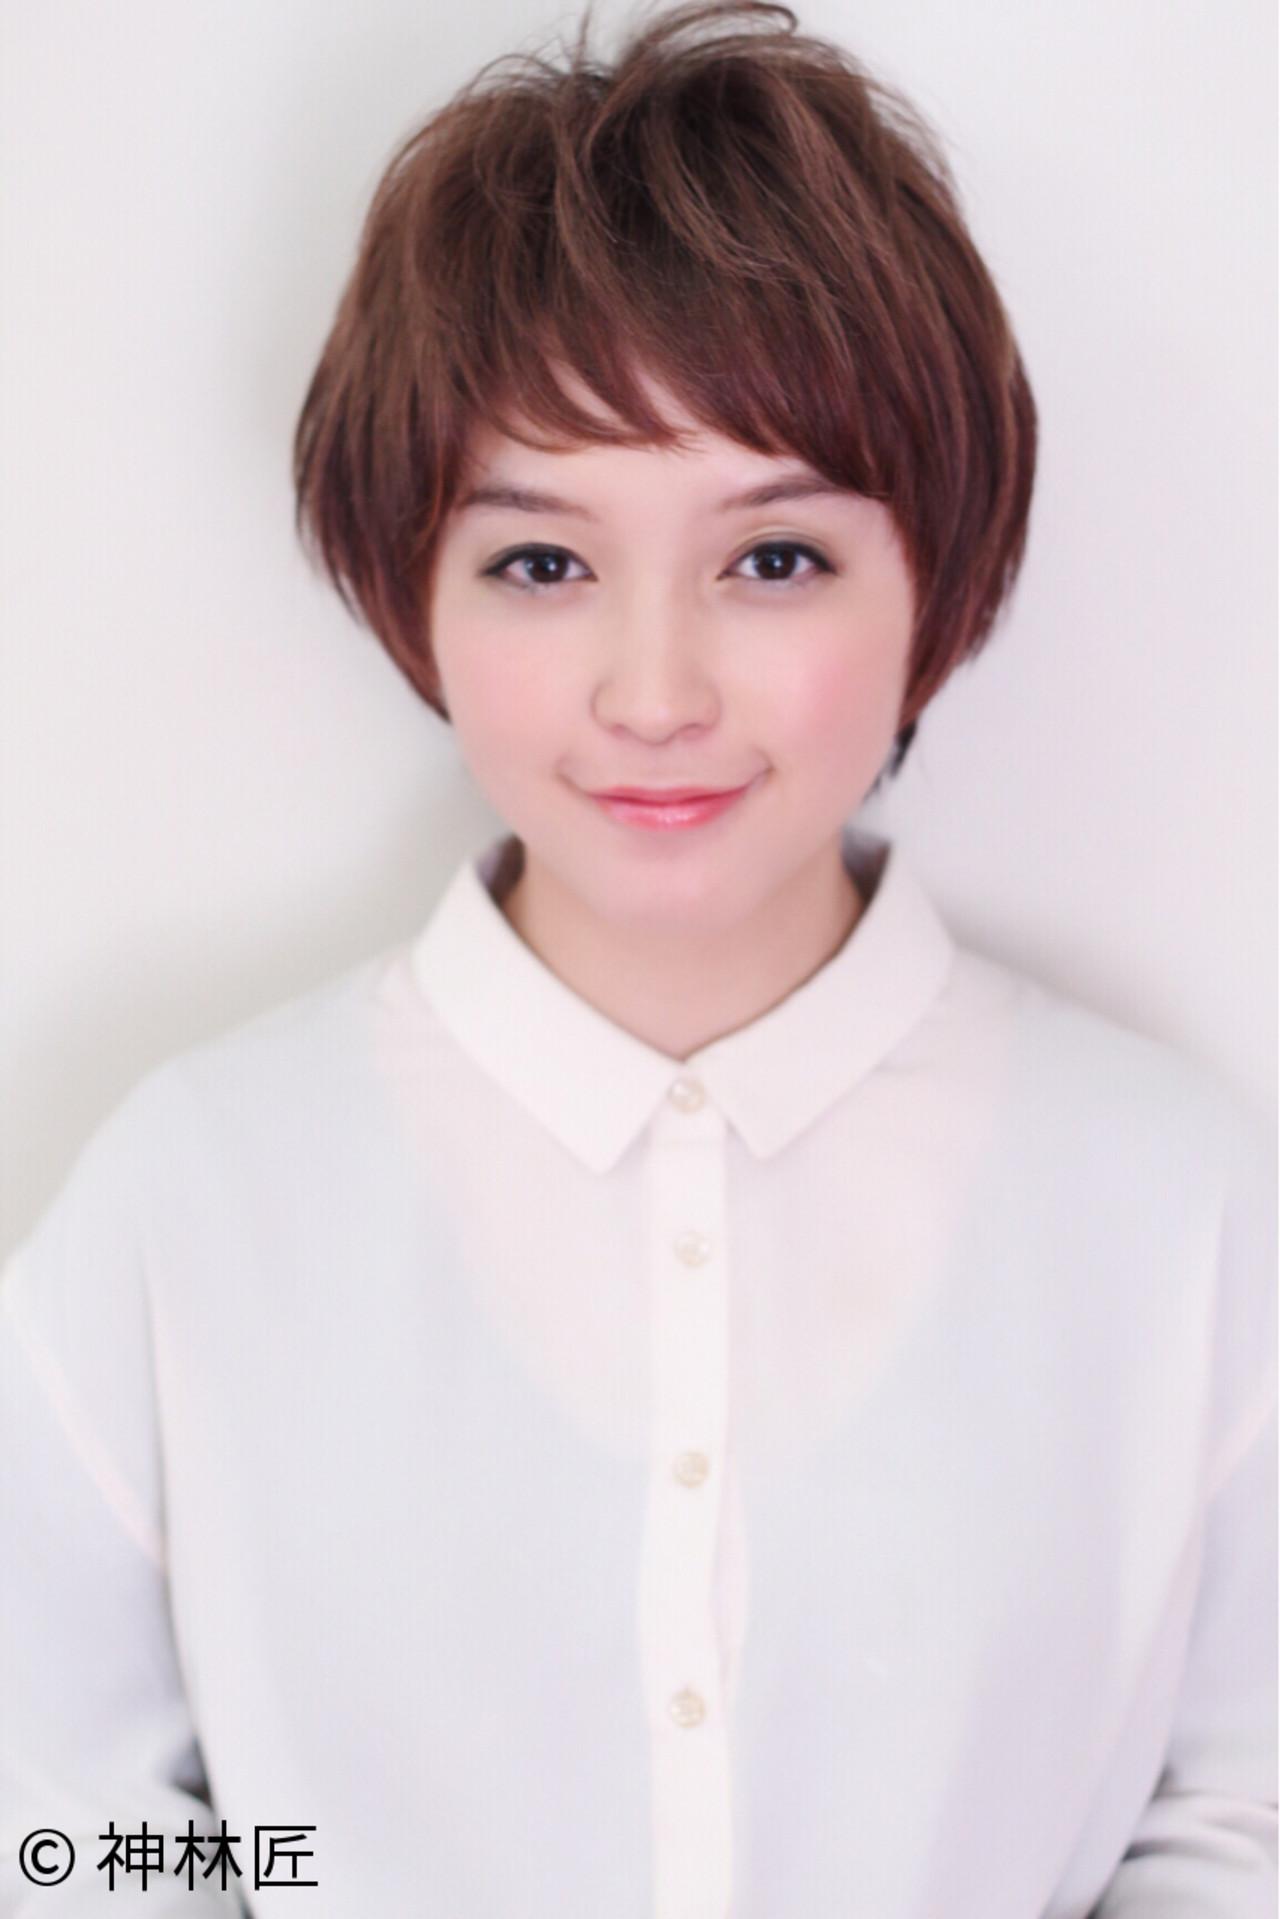 ショートバング ナチュラル 前髪あり 小顔 ヘアスタイルや髪型の写真・画像 | 神林匠 / 髪庵 ゆかし (かみあん ゆかし)